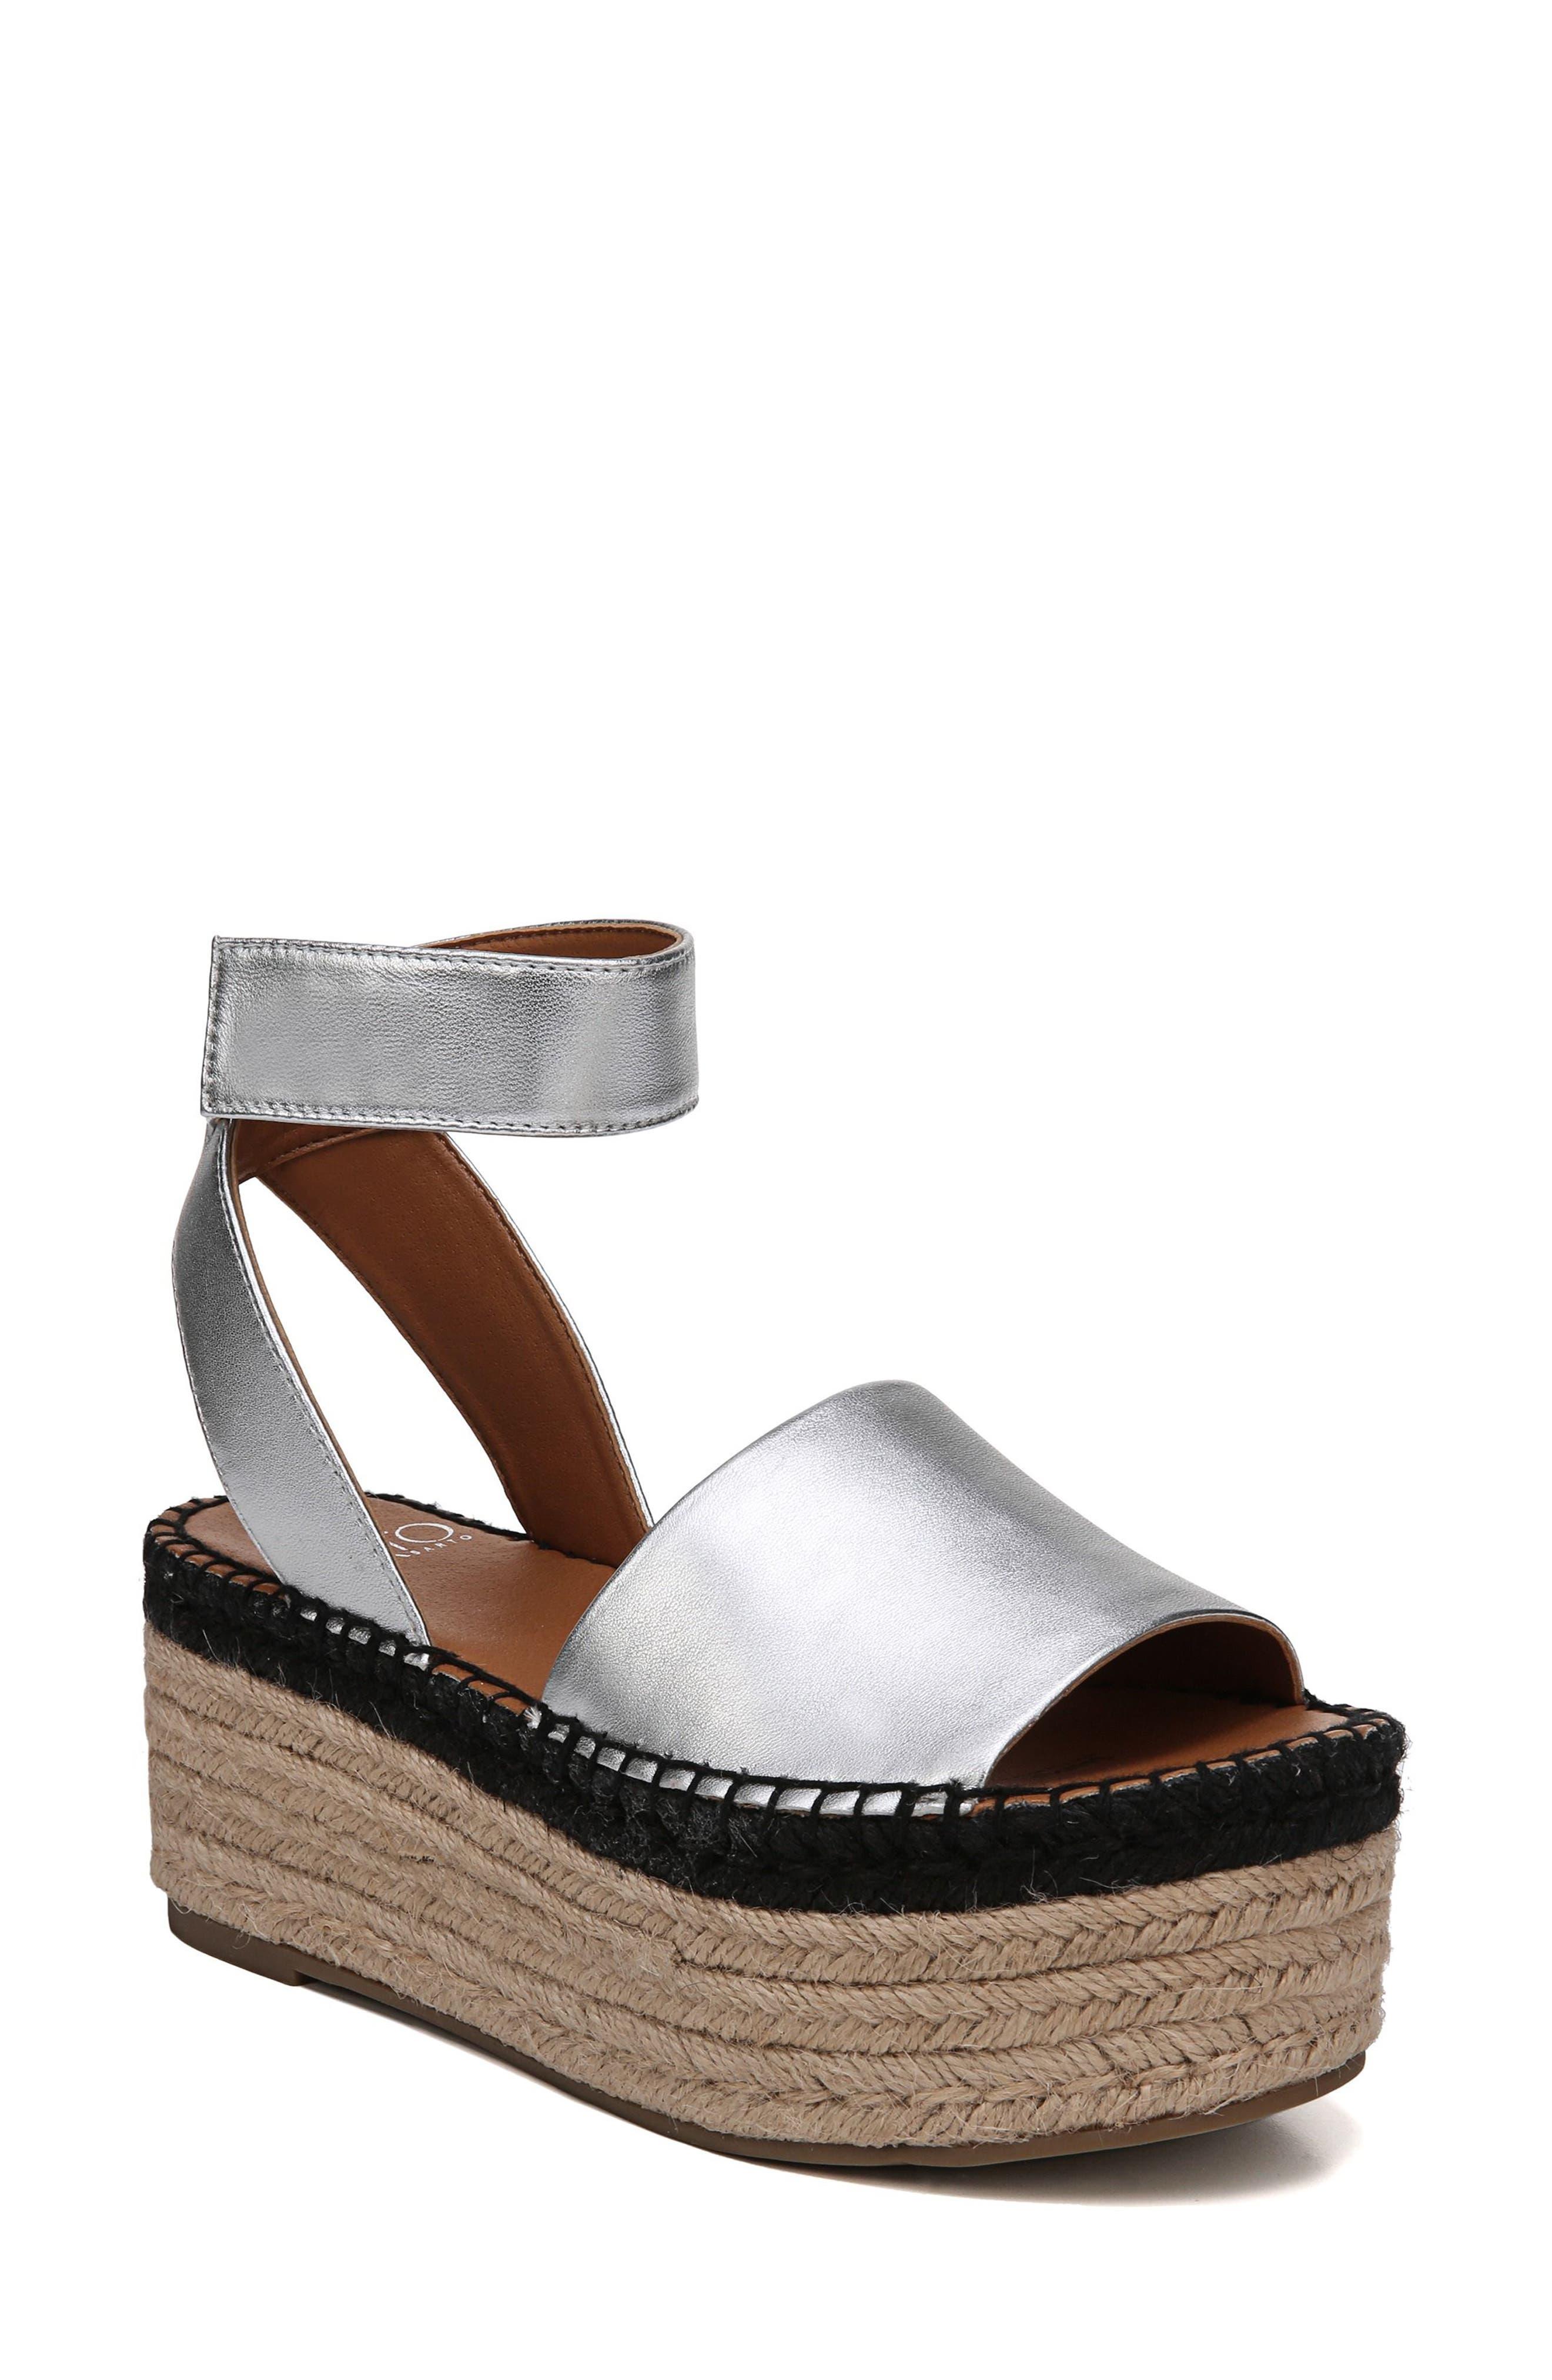 Maisi Platform Espadrille Sandal,                             Main thumbnail 1, color,                             Silver Leather